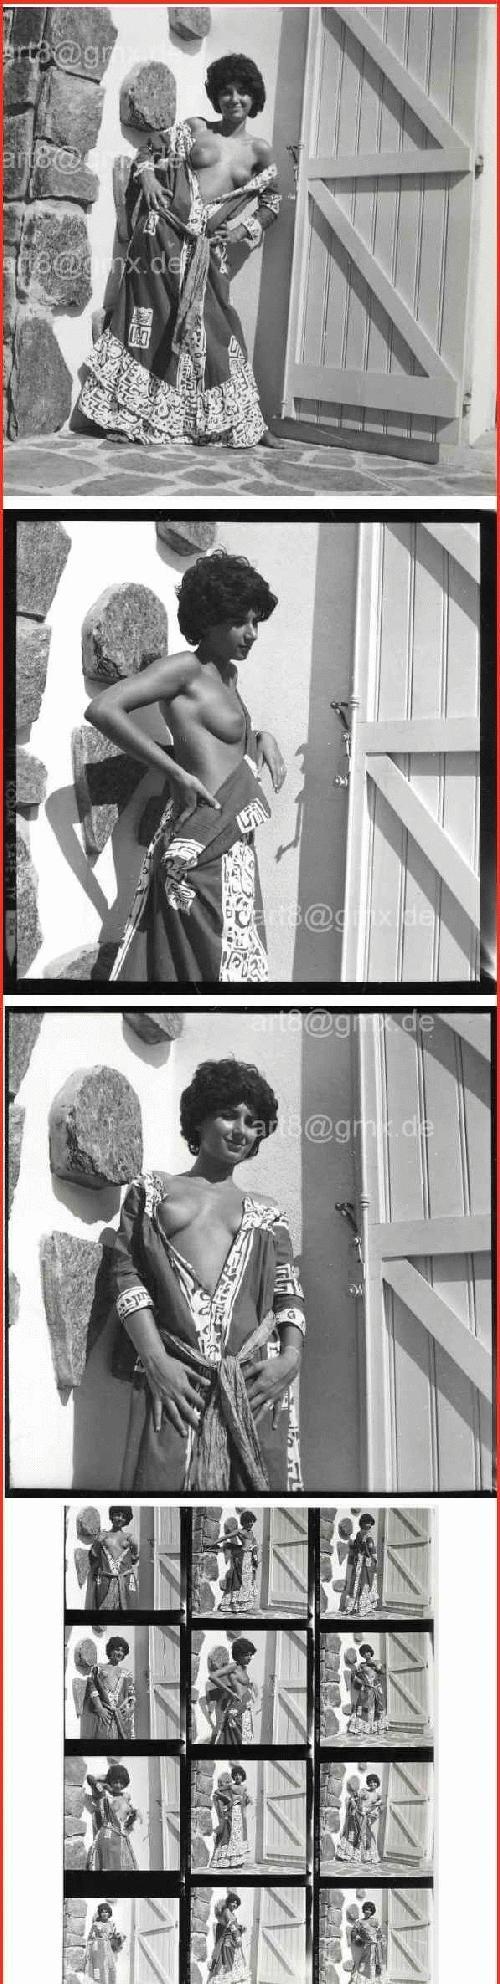 Serge Jacques - EROTISCHE Fotographie WEIBLICHER AKT - 12 ORIGINAL6x6-NEGATIVE inkl.KONTAKTABZUG -Fotographenstempel kopen? Bied vanaf 130!